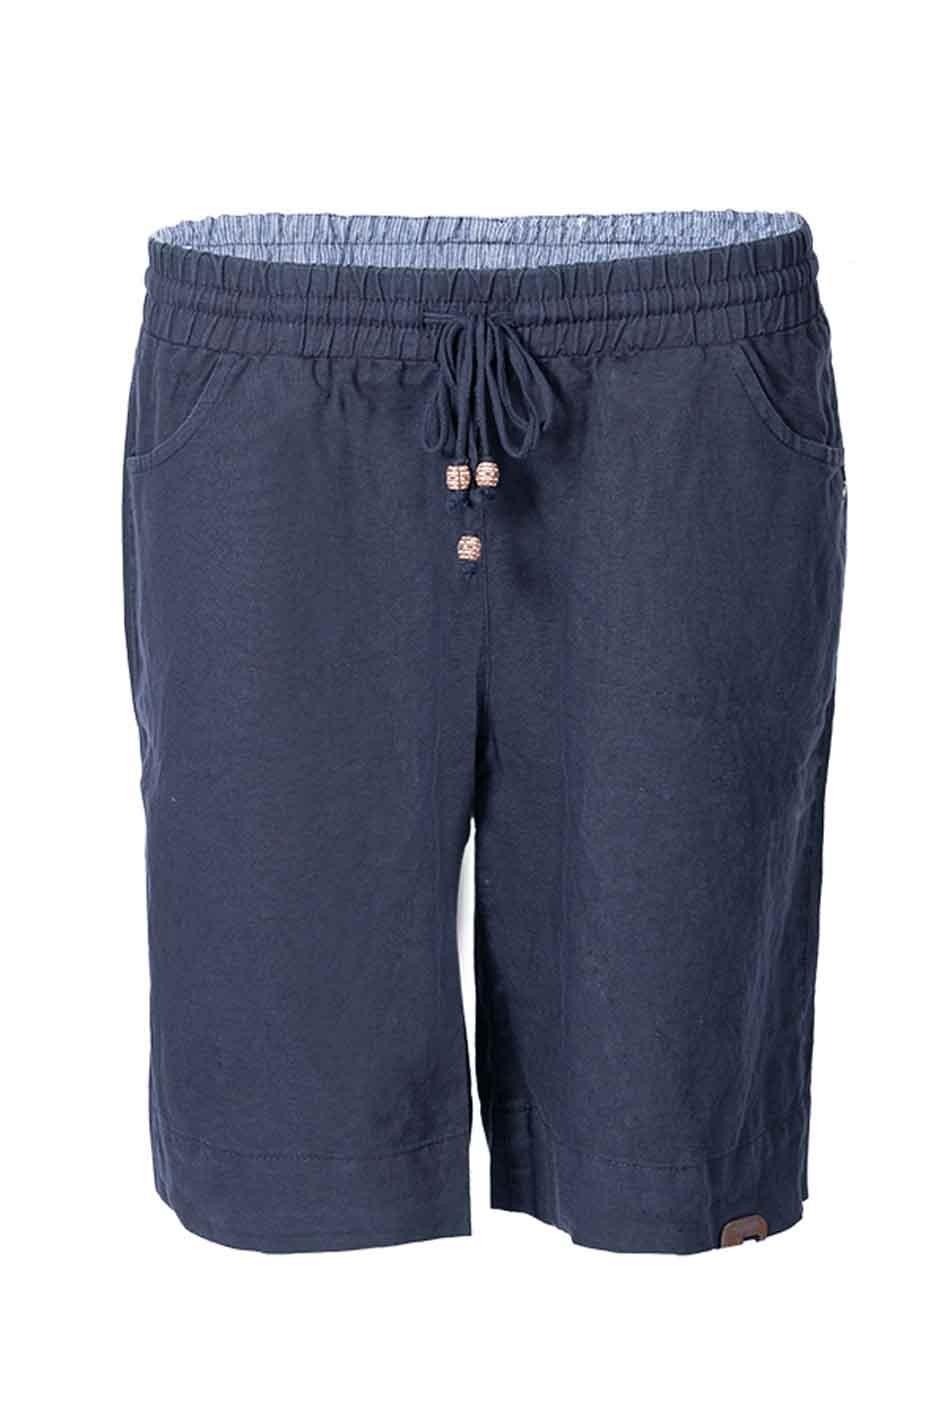 Soquesto Shorts Insina